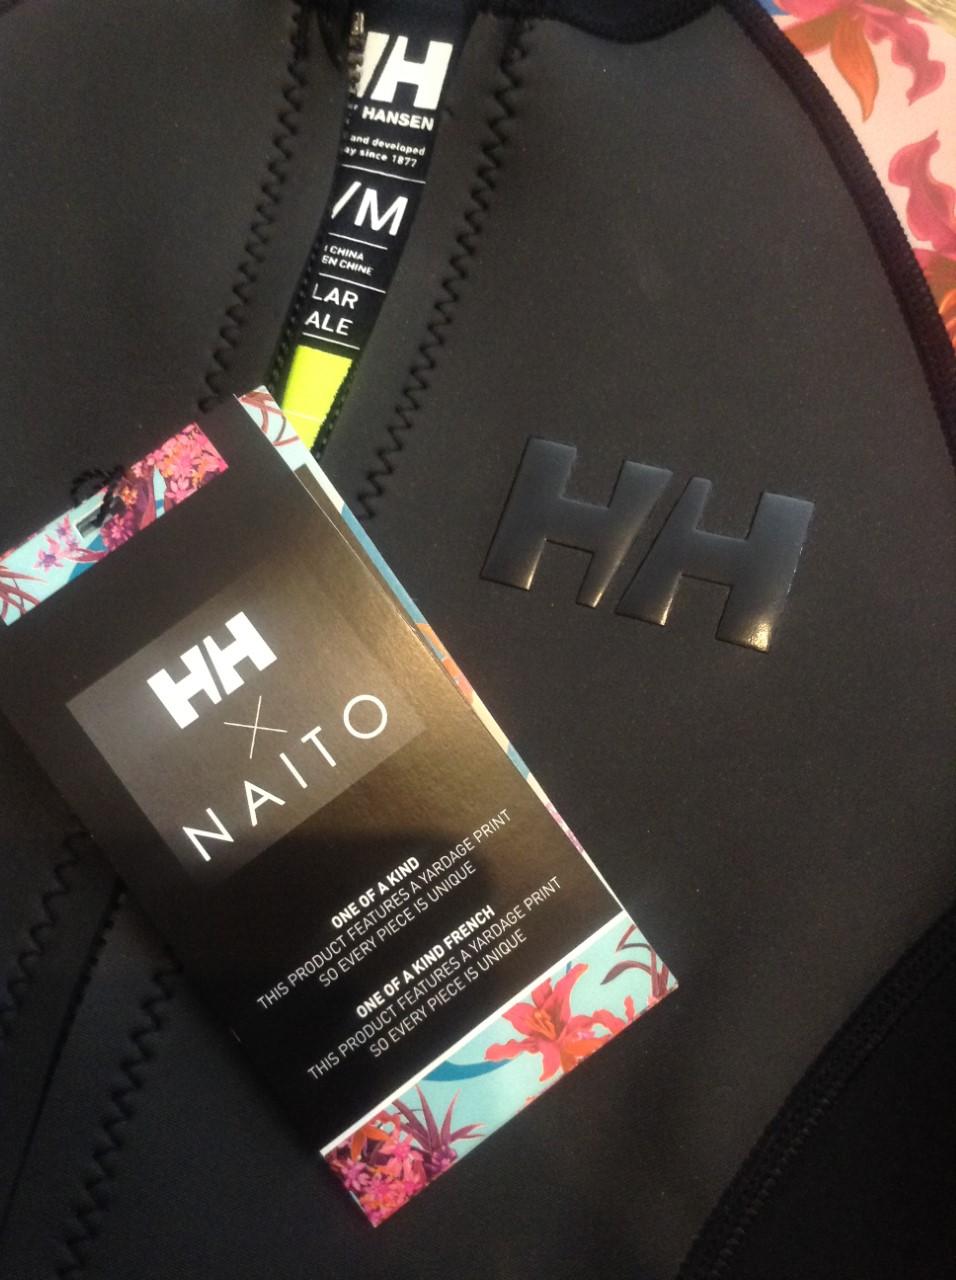 HellyHansen x NAITO